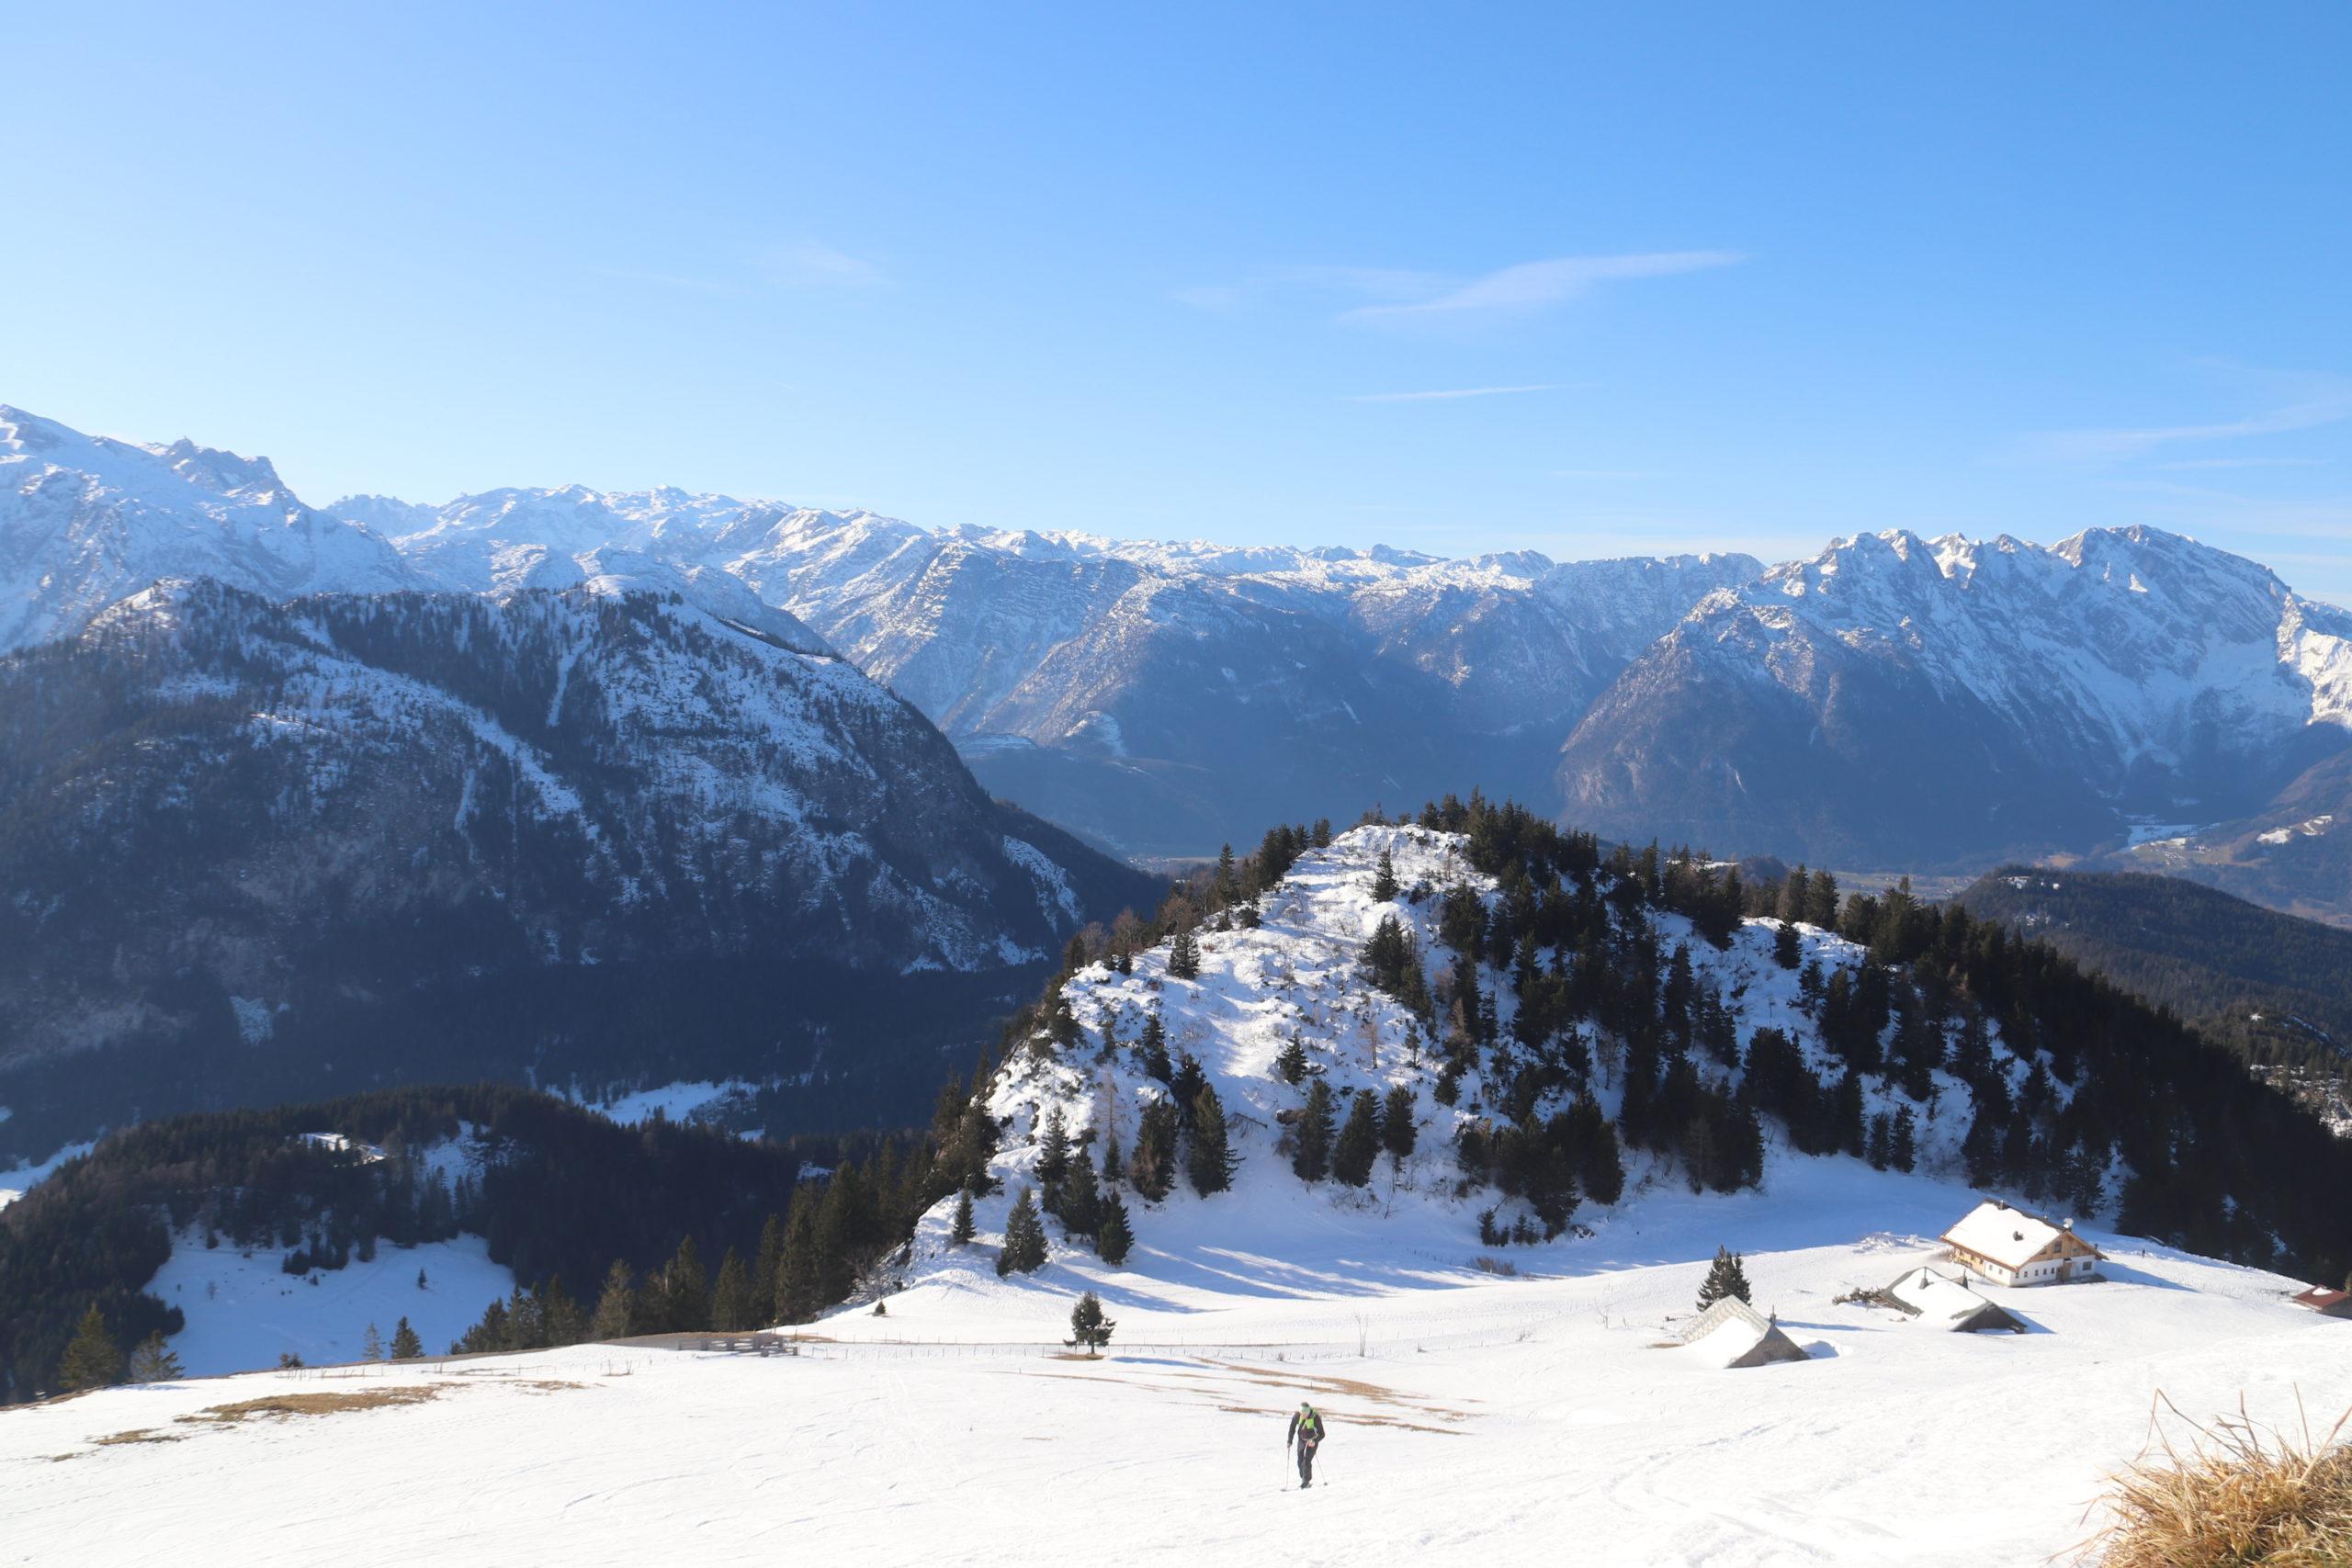 © SalzburgerLand Tourismus, Martina Egger. Ab der Waldgrenze bei der Einzian-Hütte gehts weiter über das verschneite Almgebiet auf den Trattberg-Gipfel